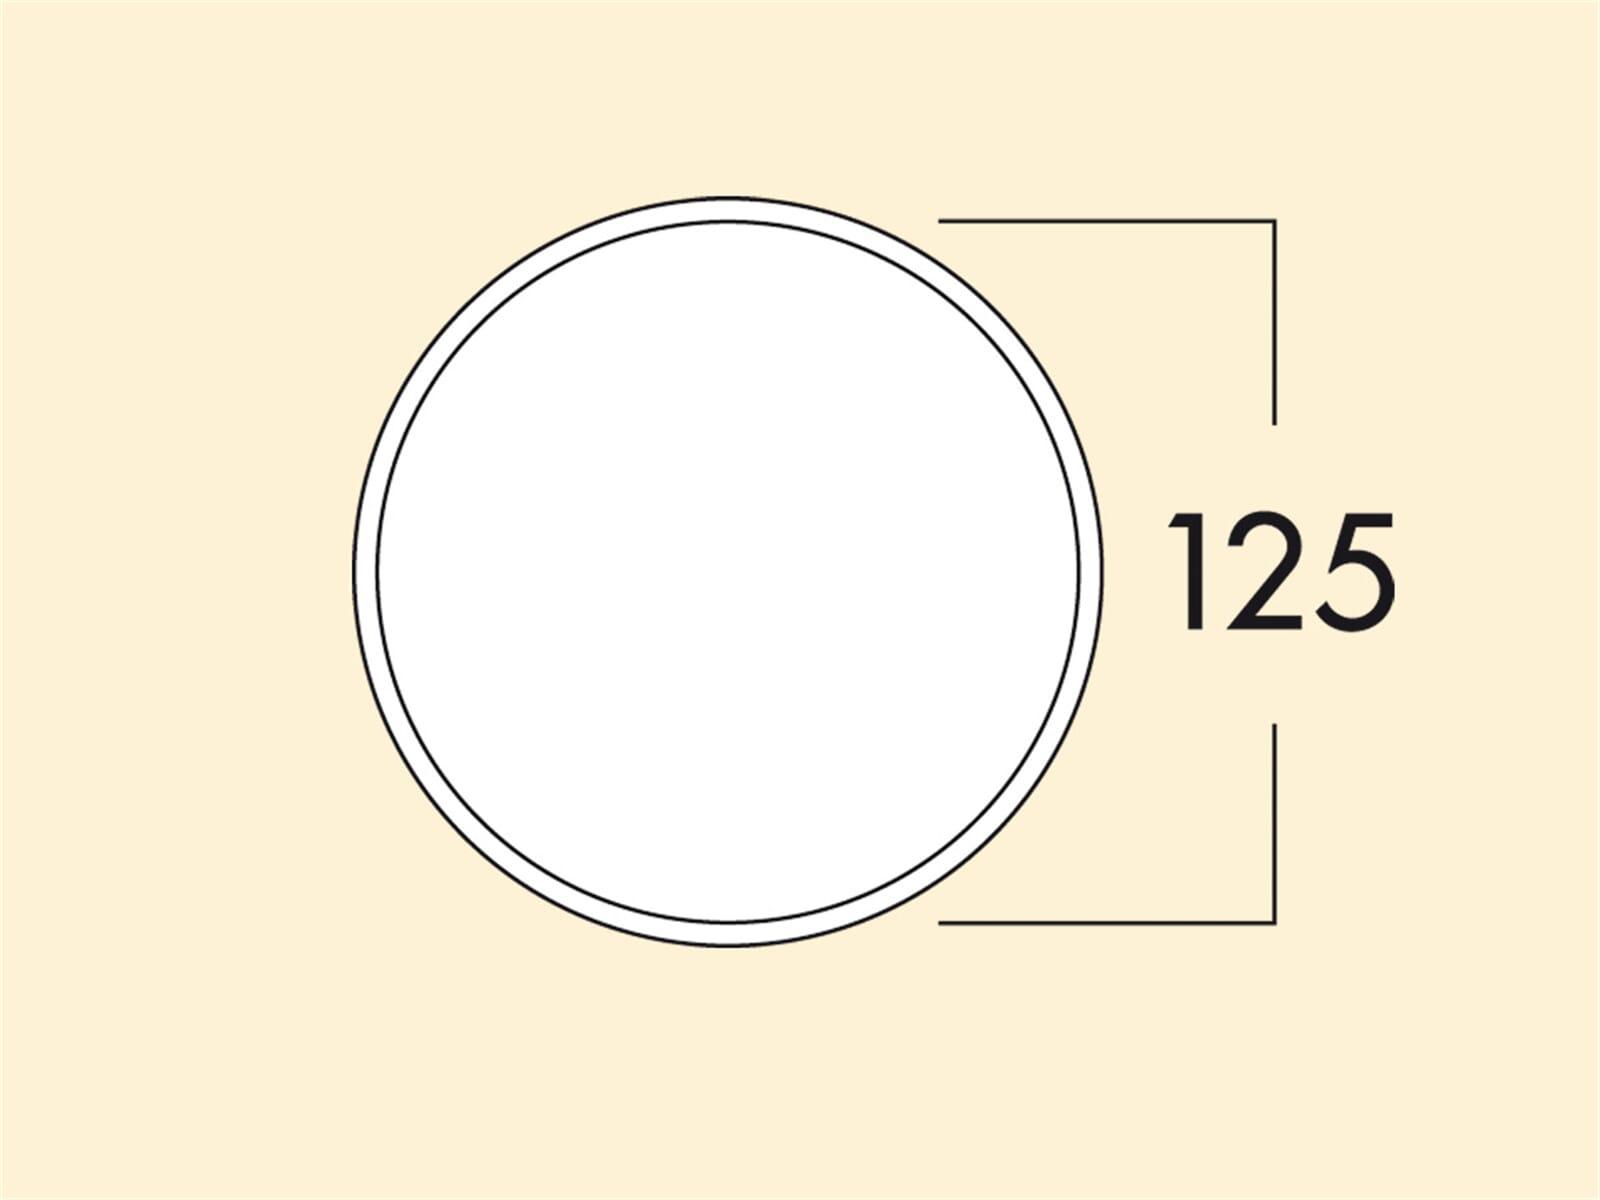 Compair 402.2.022 Klima-Blow-E 125 Mauerkasten